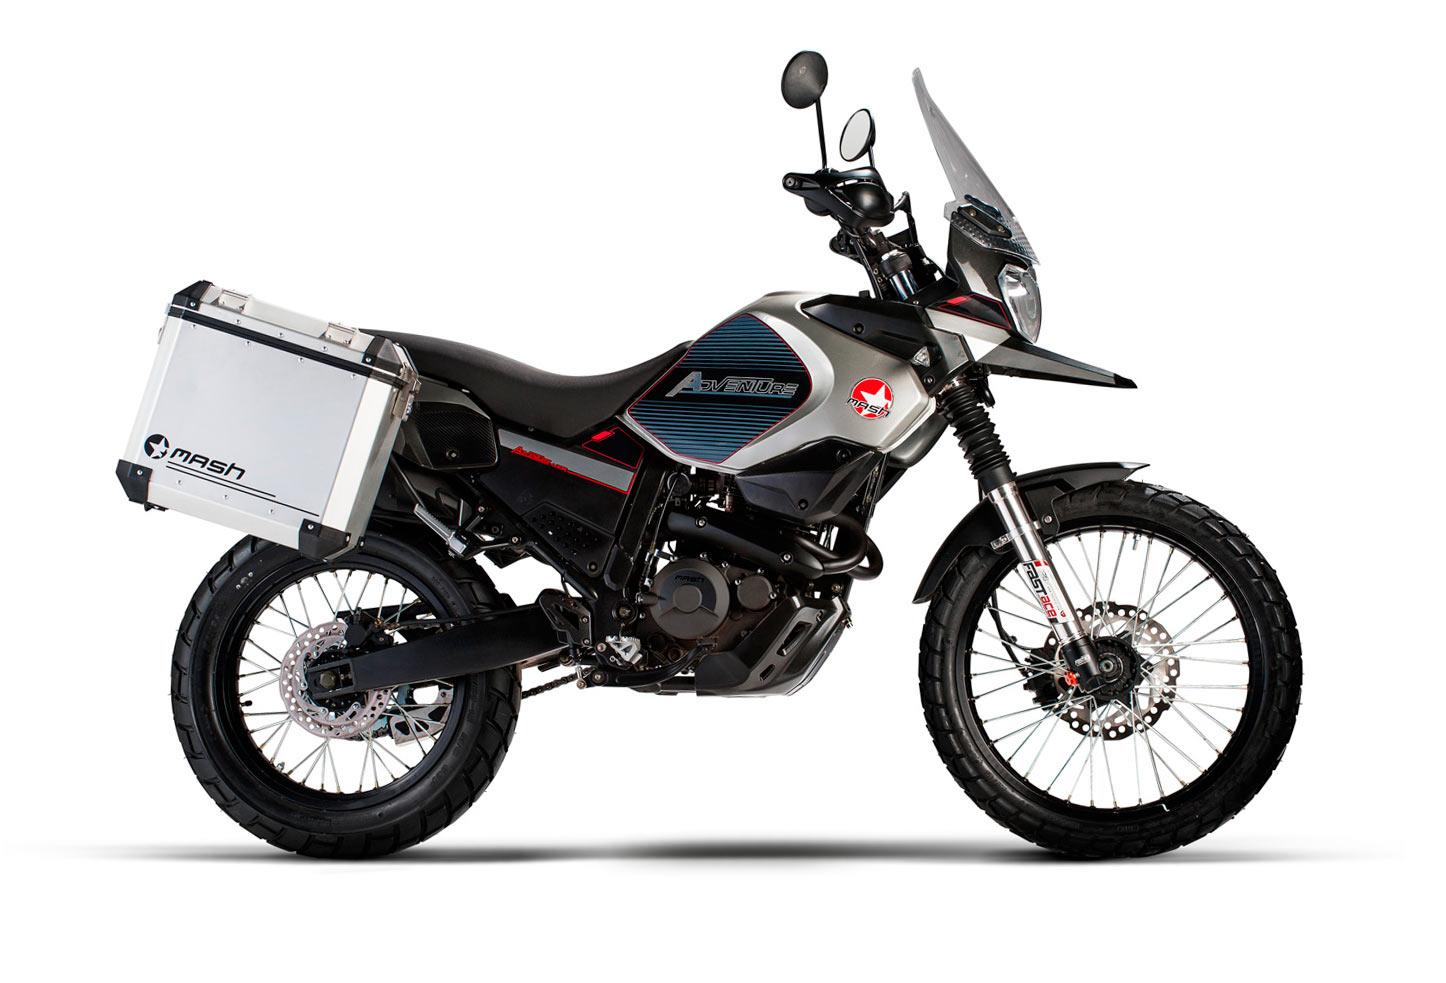 MASH Mash Adventure Alquiler de motos y scooters en Tenerife (España - Canarias)